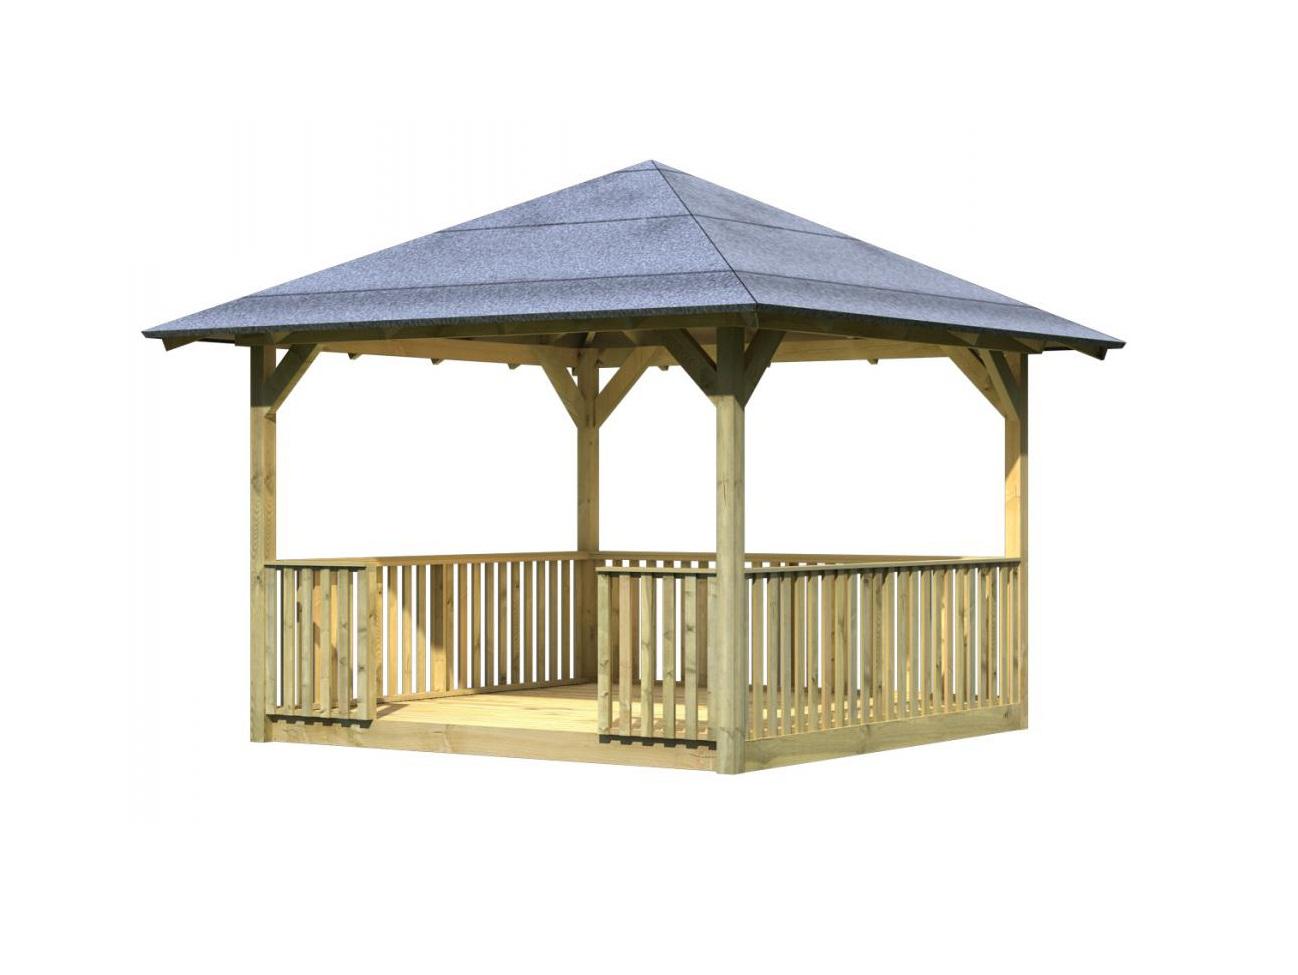 KARIBU CORDOBA 61560 zahradní altán set s podlahou a zábradlím